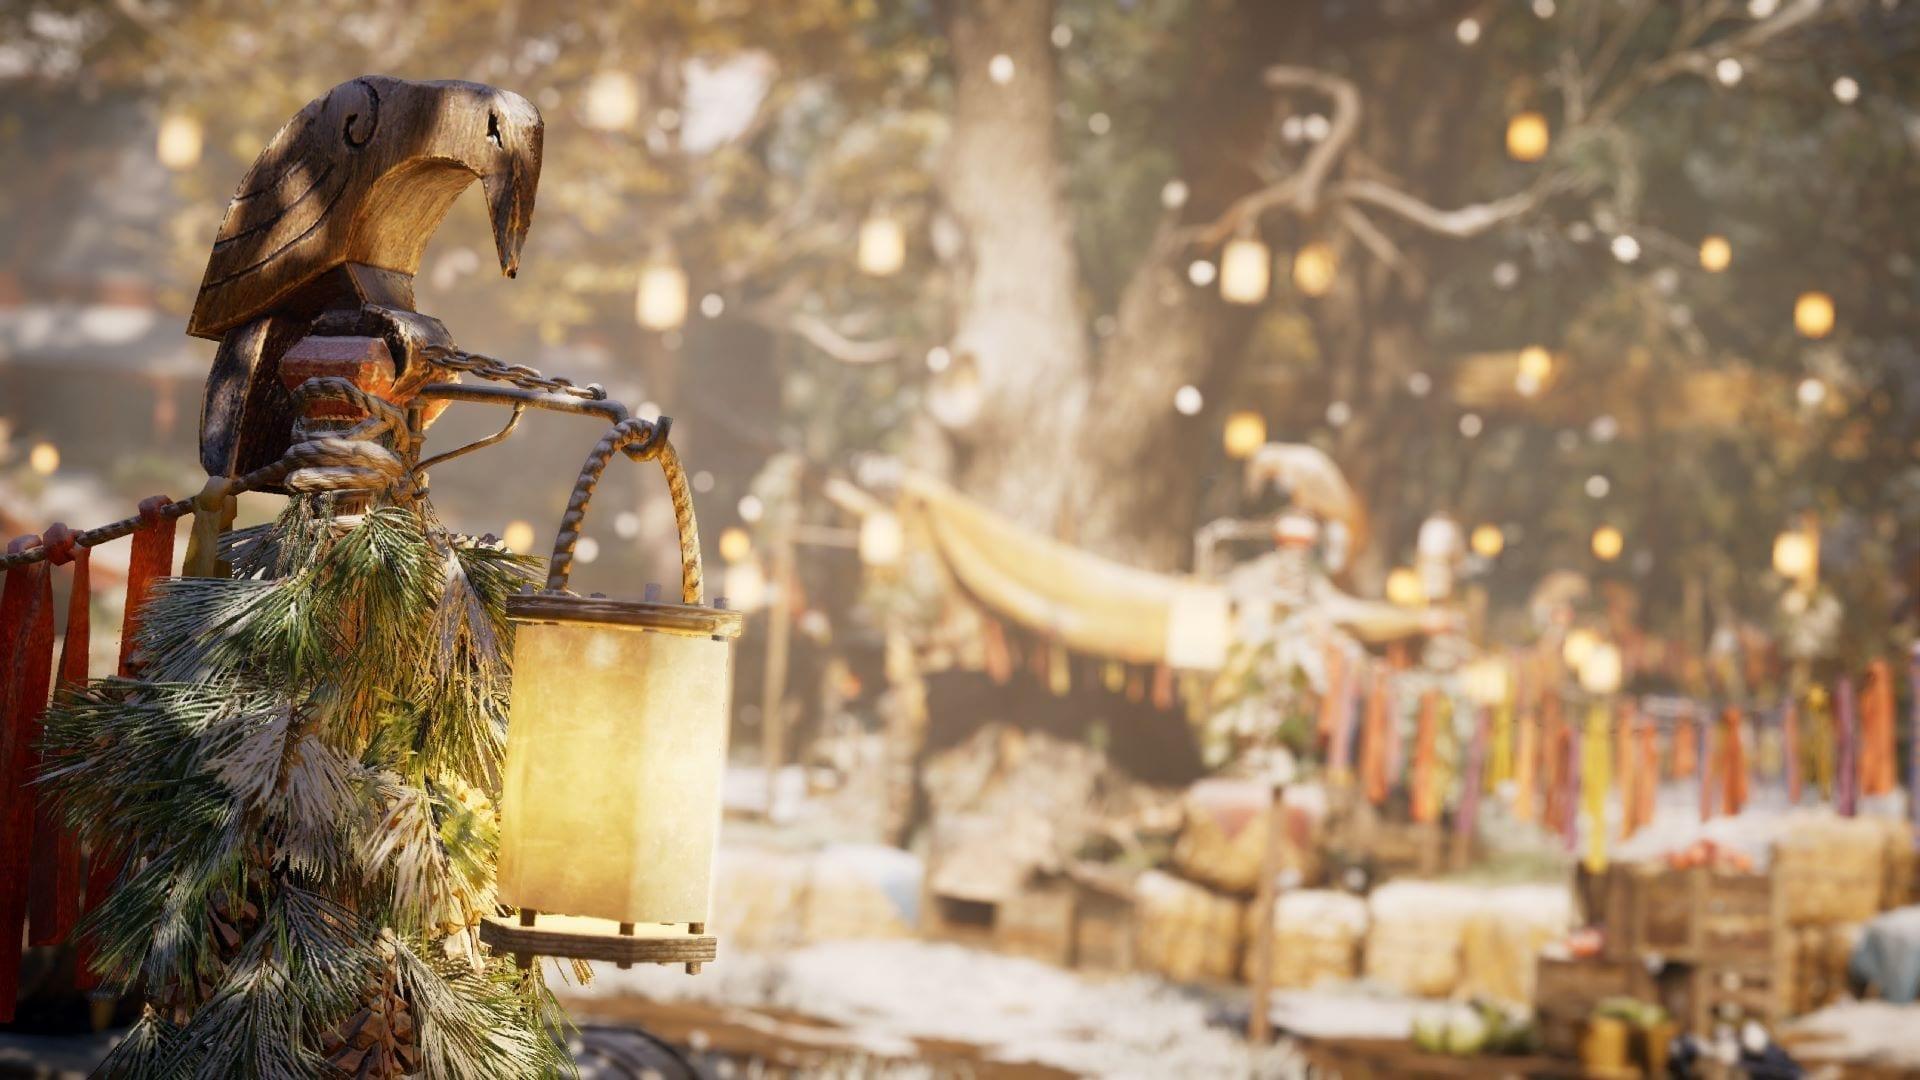 Der Screenshot des Spiels Assassin's Creed Valhalla zeigt ein für das Julfest der ersten Saison festlich geschmücktes Dorf